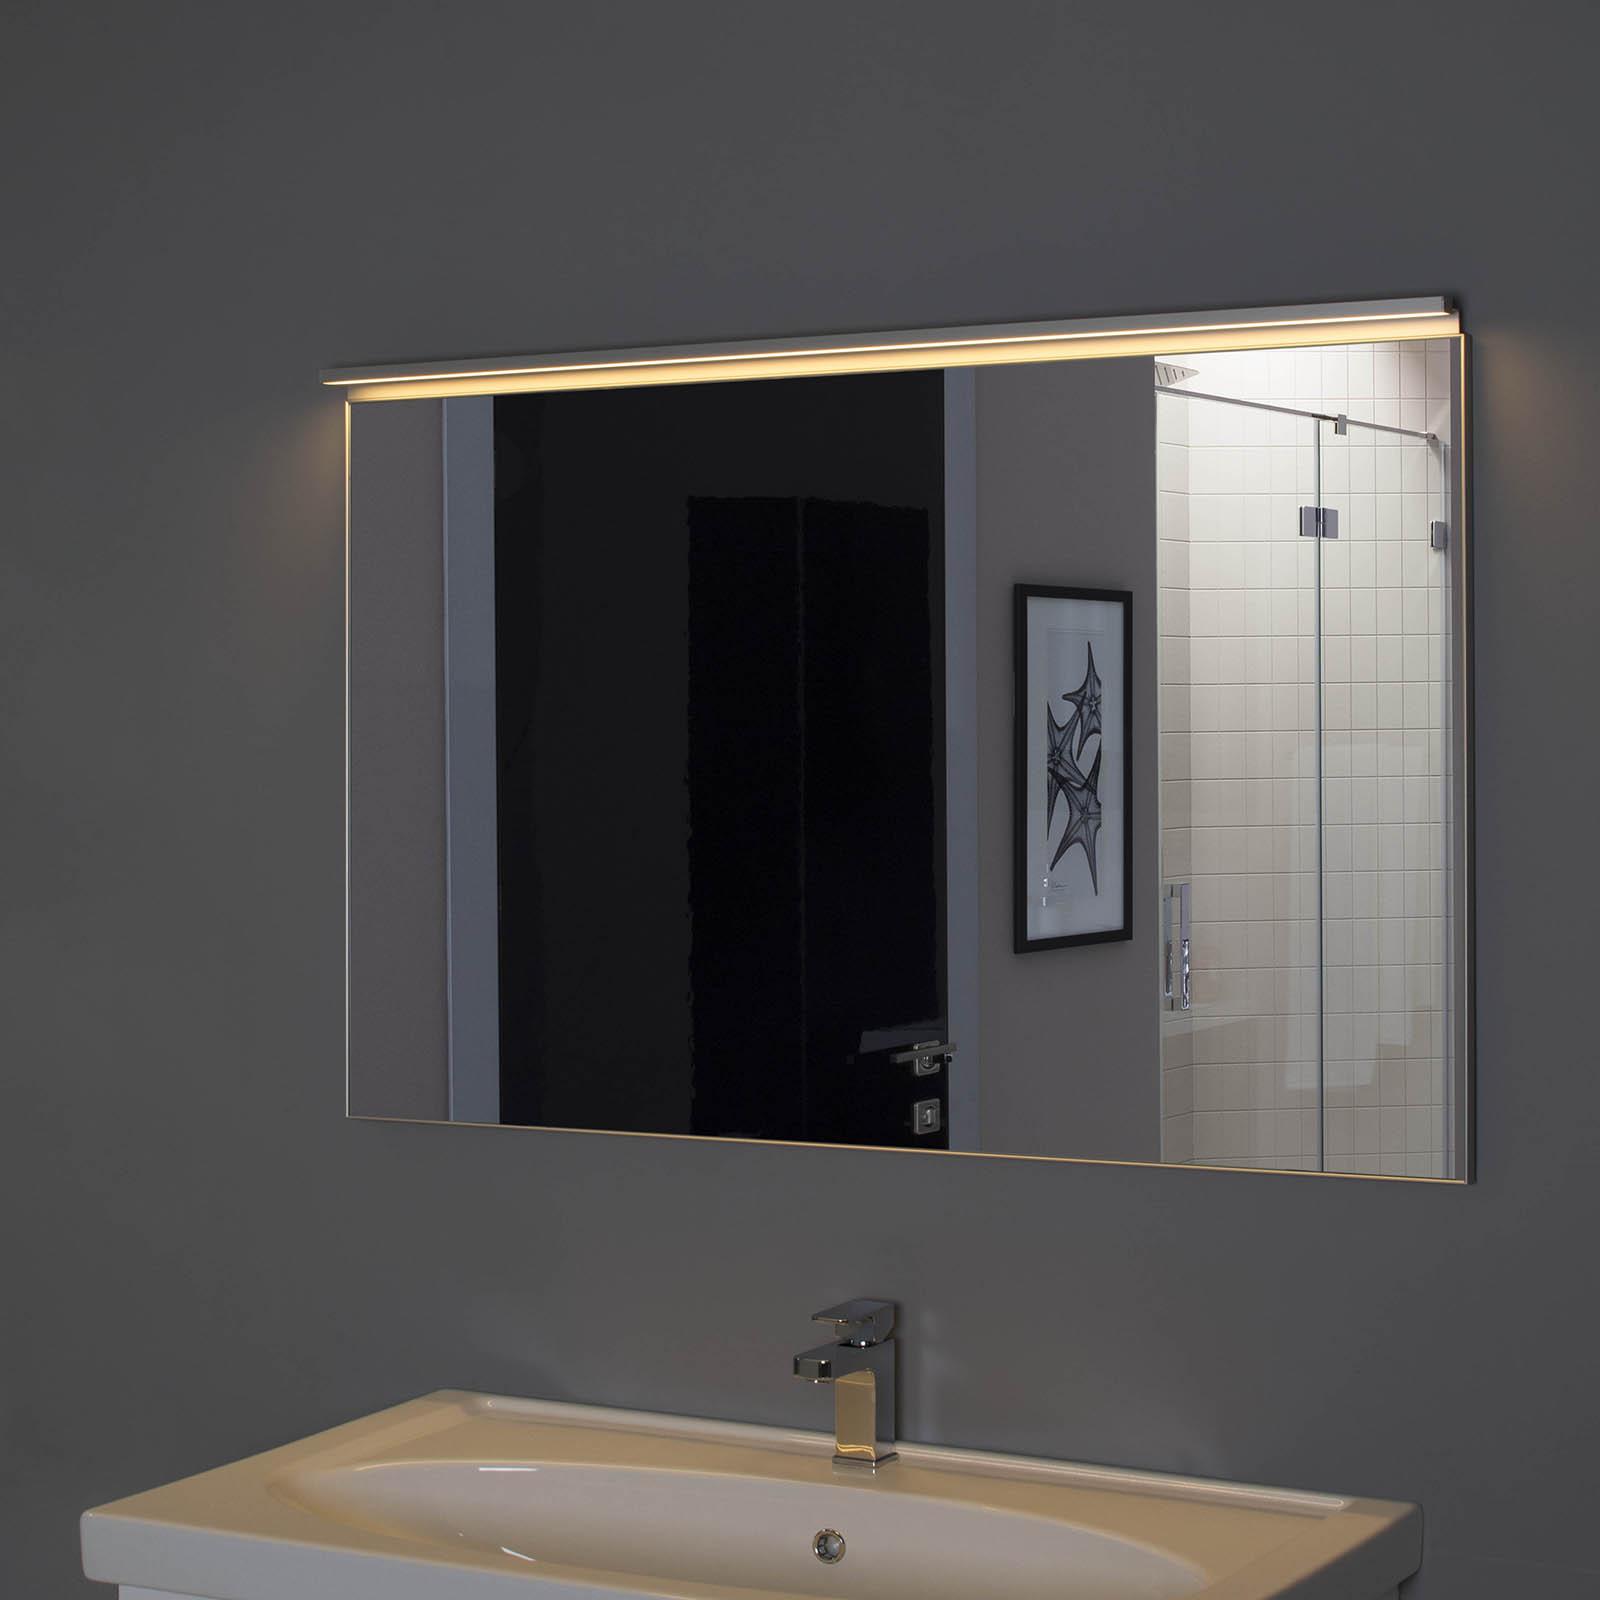 Зеркало De Aqua Сильвер 12075 SIL 407 120 120 см